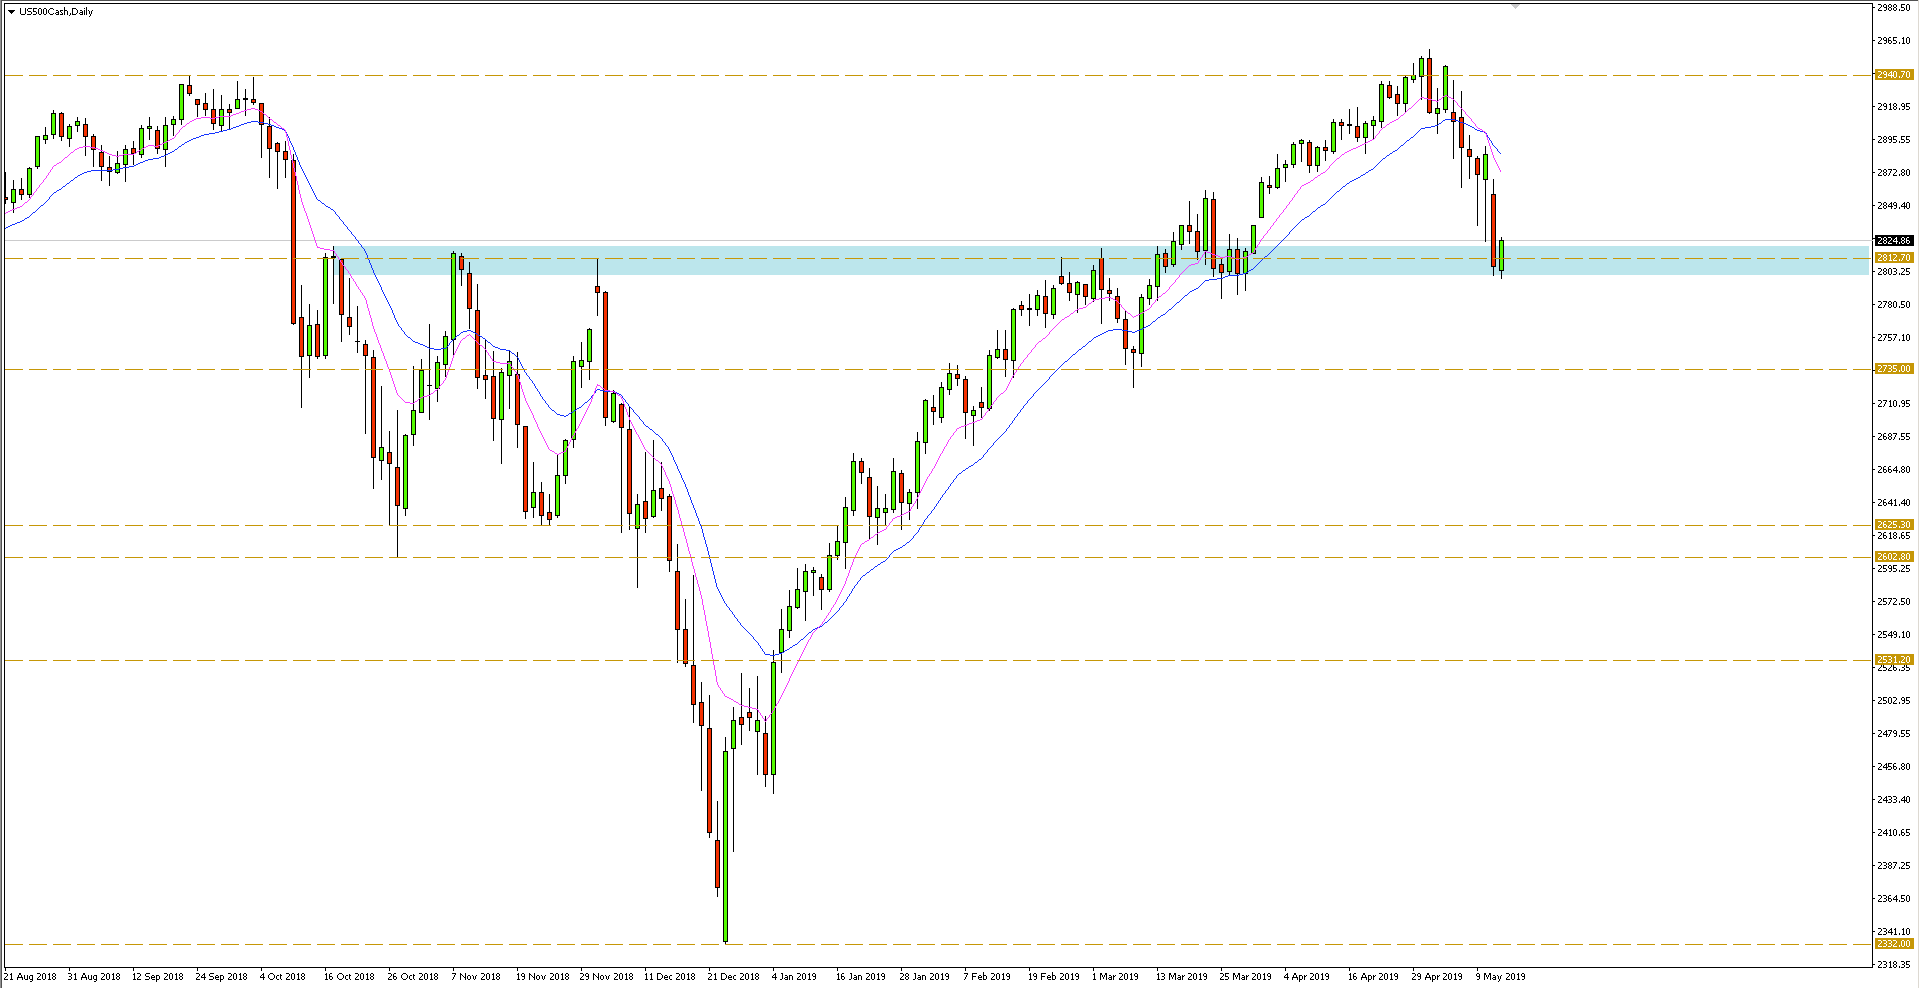 Indeks S&P500 - wykres dzienny - 14 maja 2019